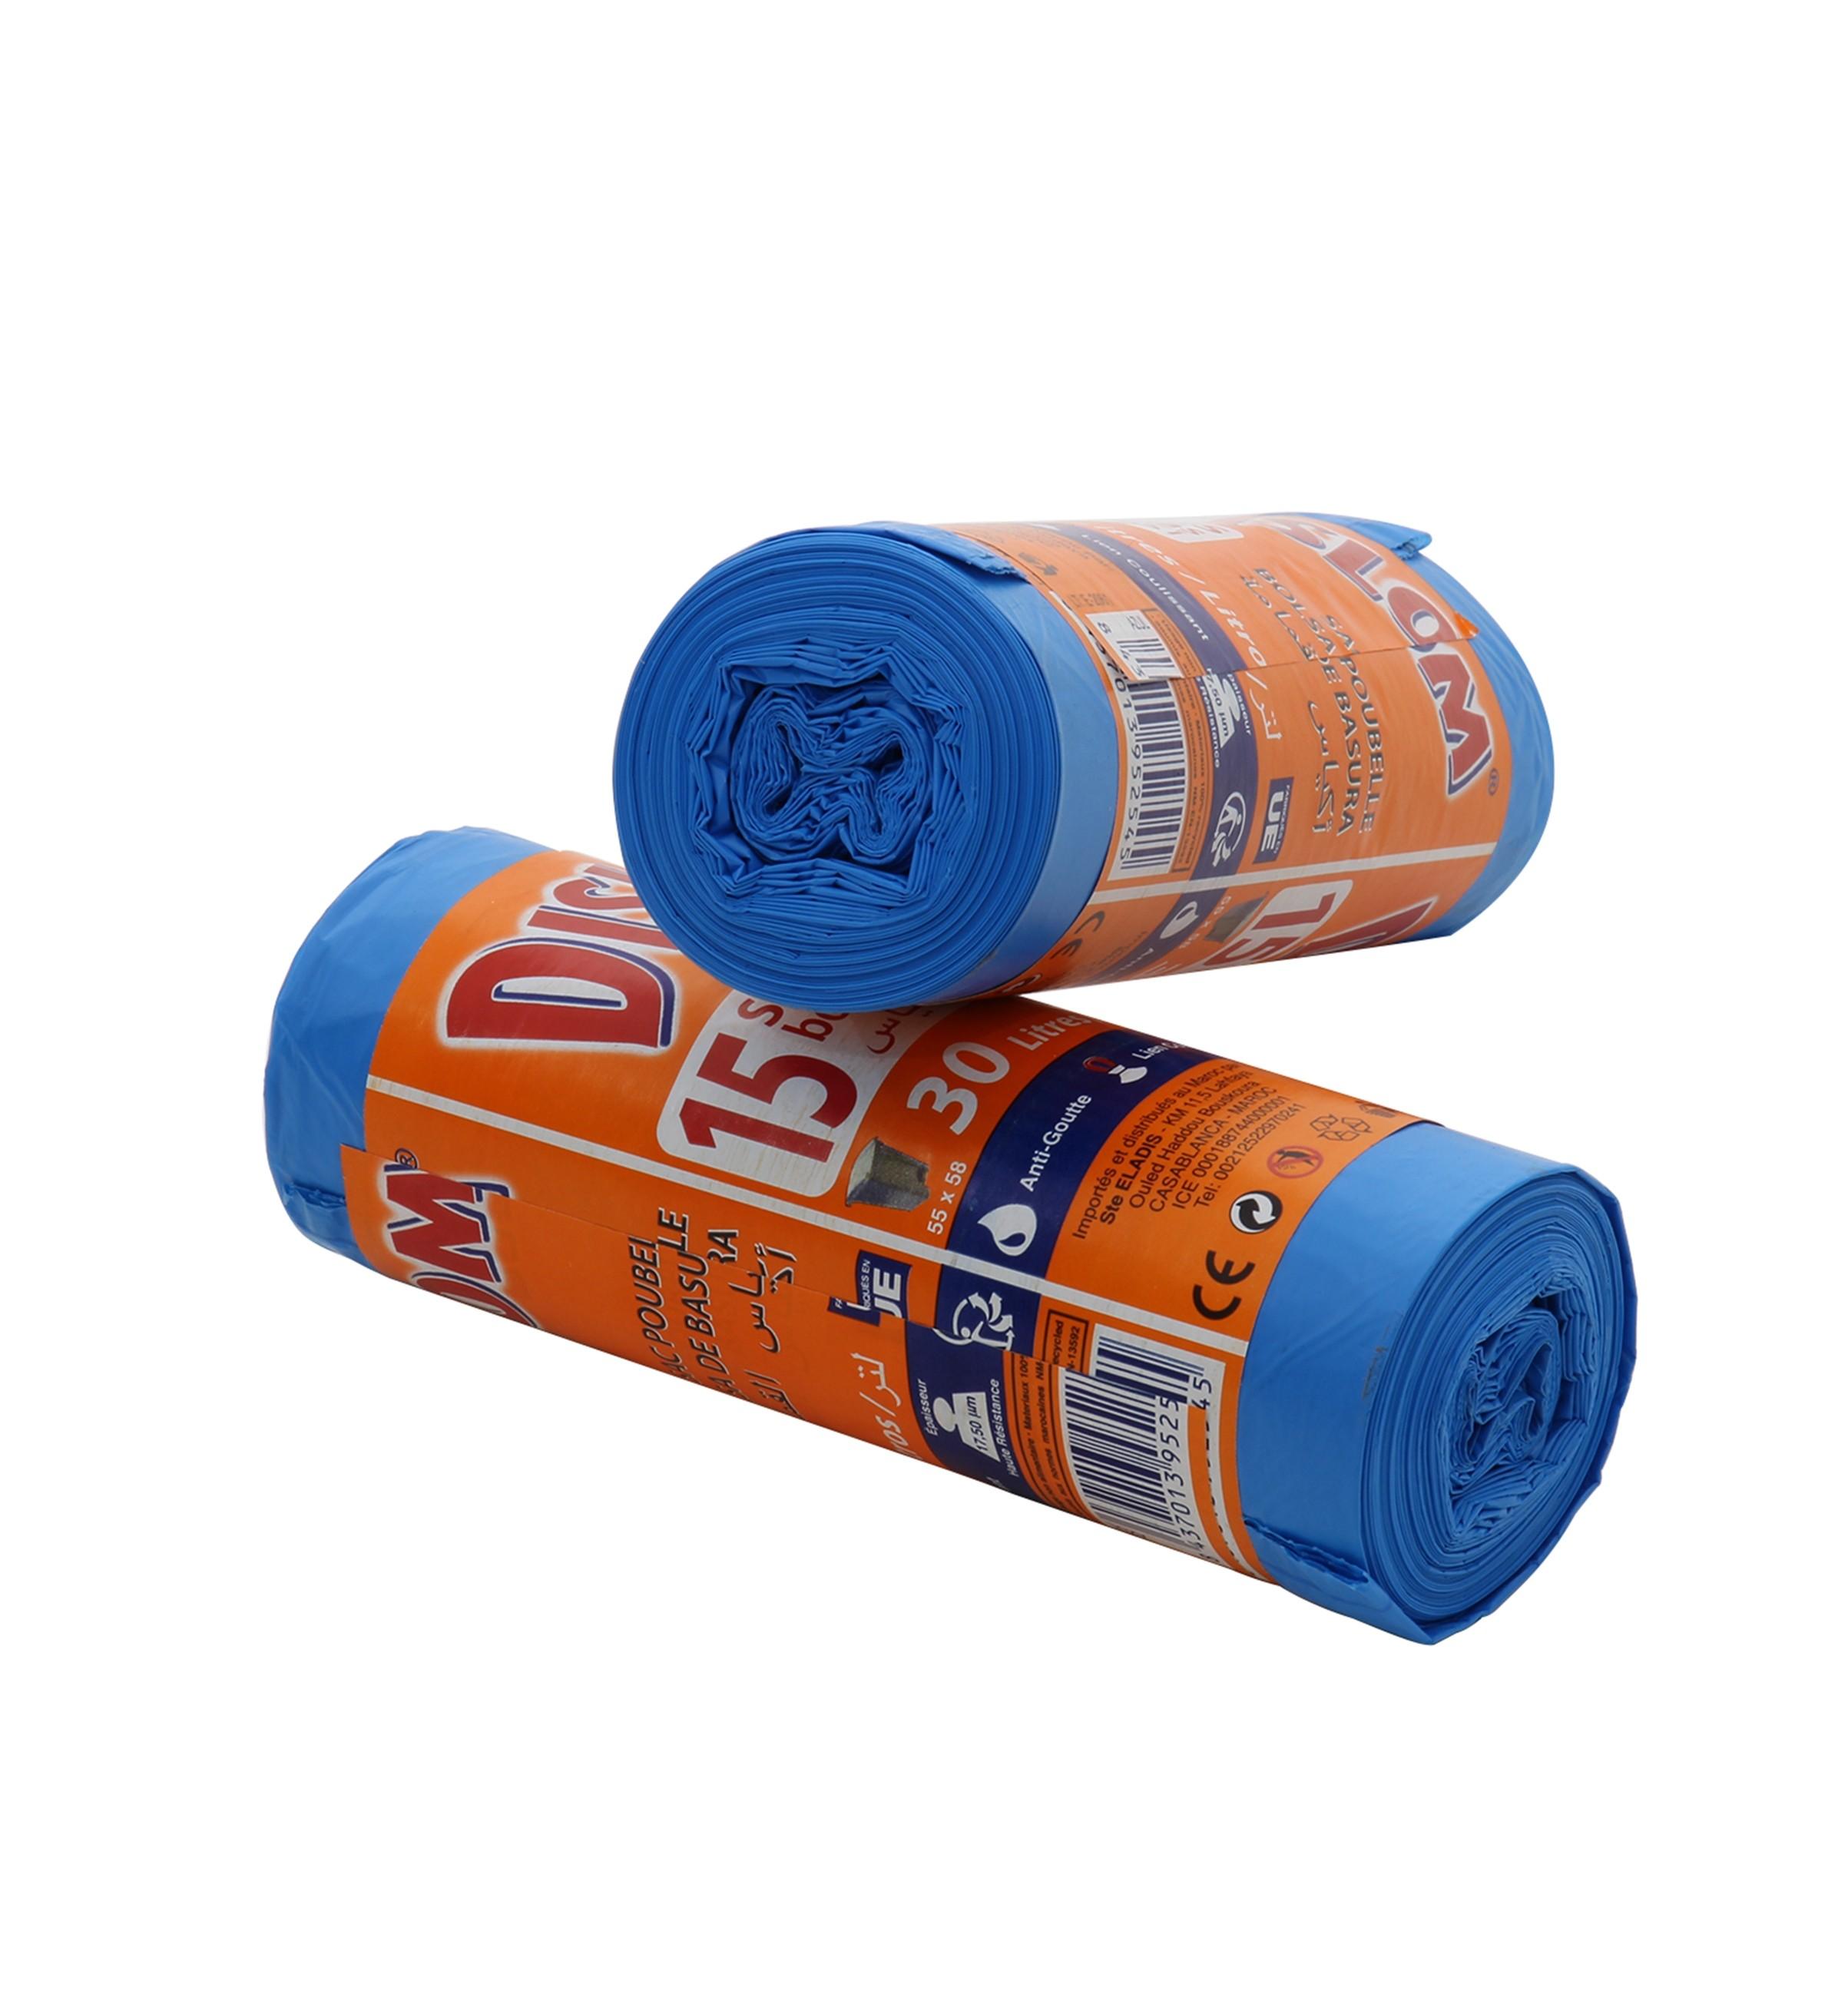 Sac Poubelle Dislom azul Bleu Parfume 30L 15 pcs 55x58cm